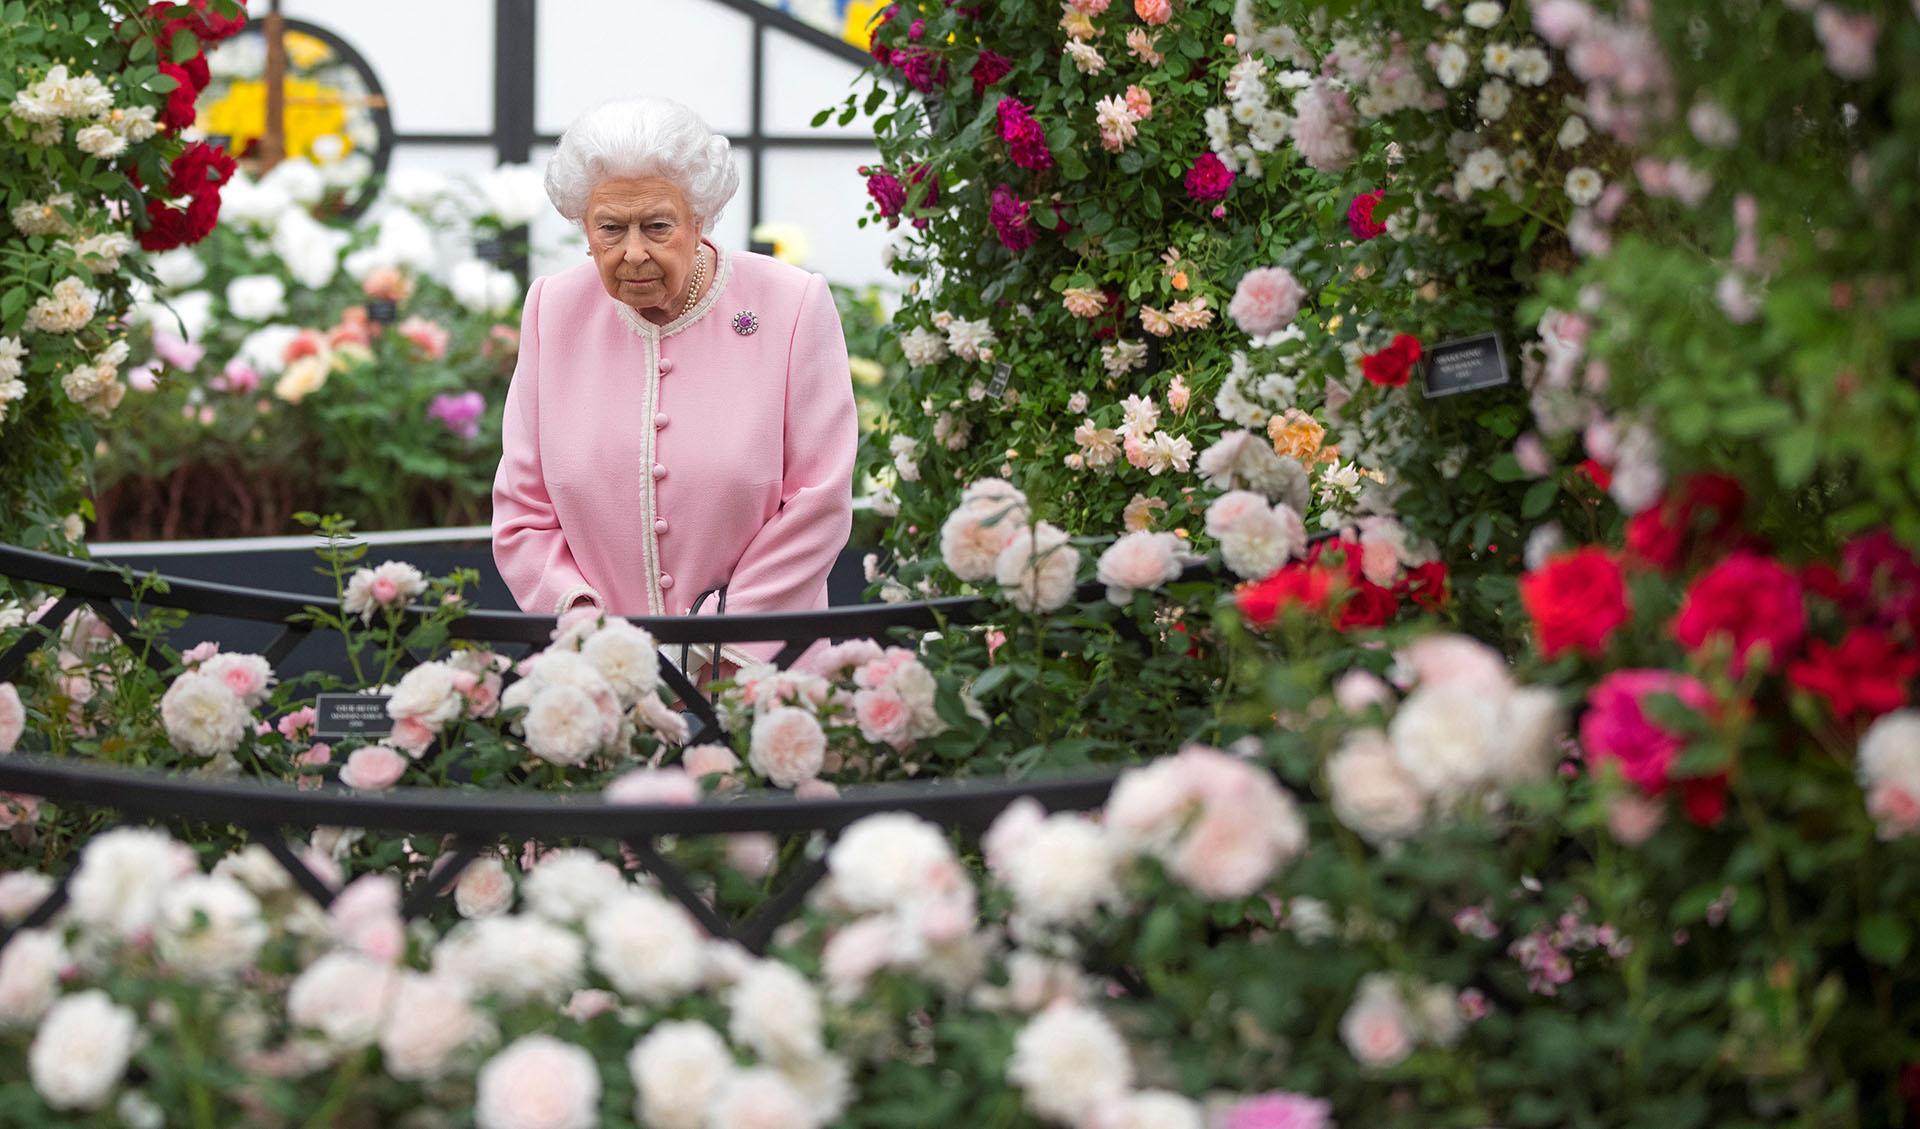 A los 90 años y desde su coronación, ocurrida en 1953, la monarca supo construir e imponer un estilo propio con el que cautiva en cada aparición pública /// Fotos: AFP